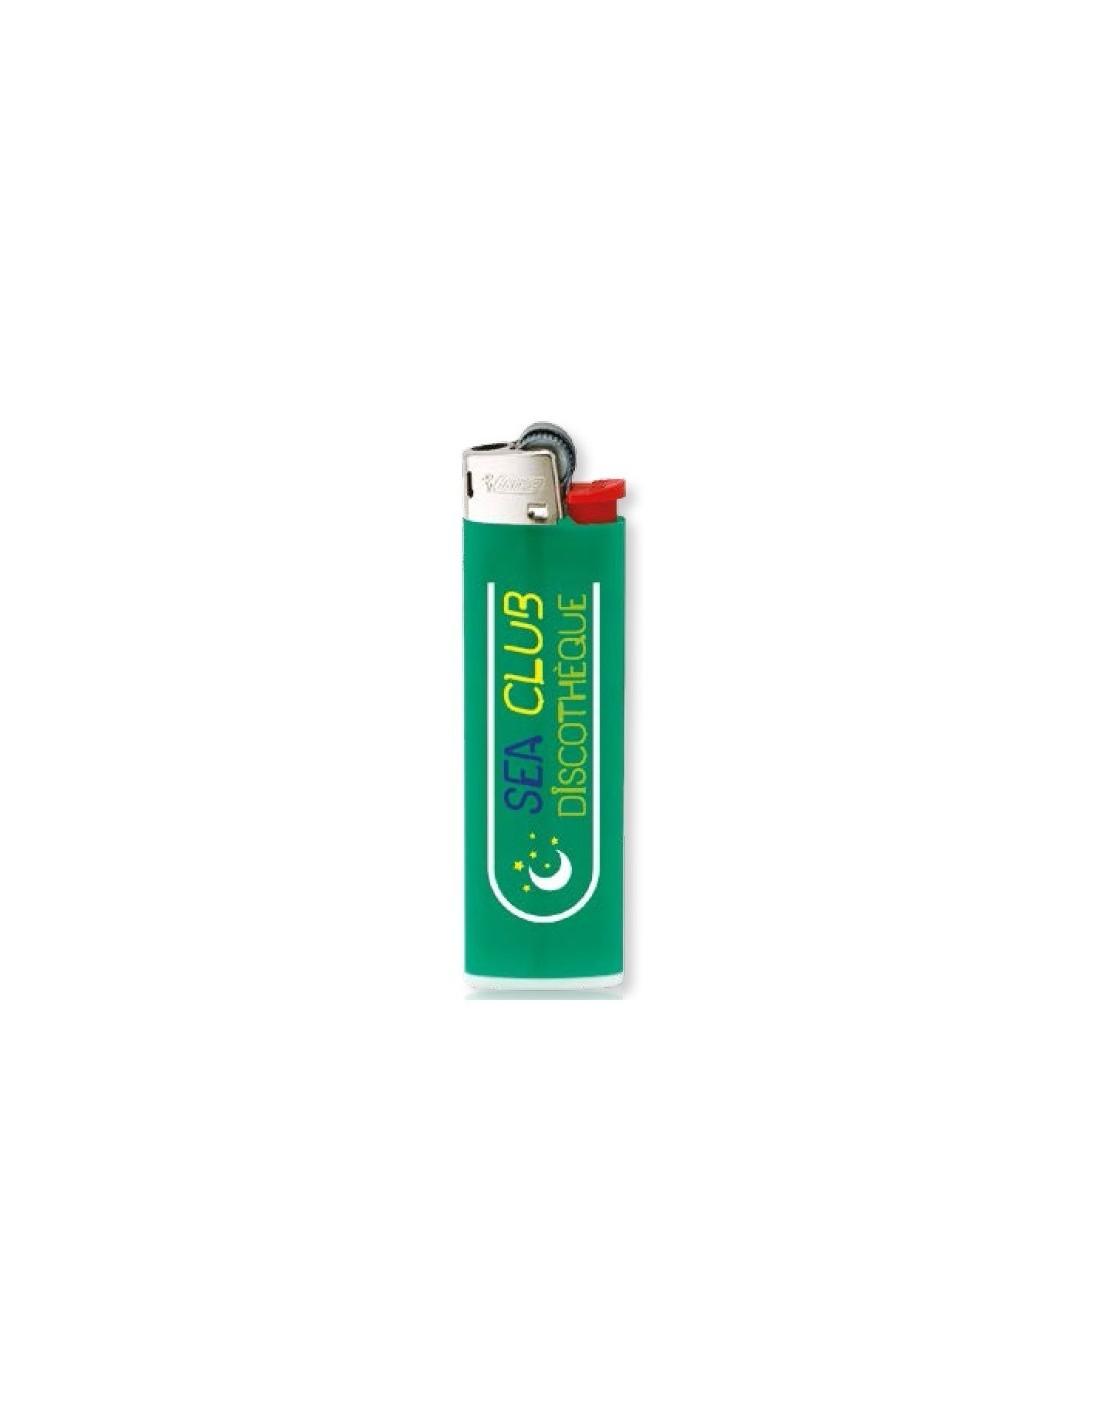 Zapalniczka Reklamowa Bic J23 Z Wlasnym Nadrukiem